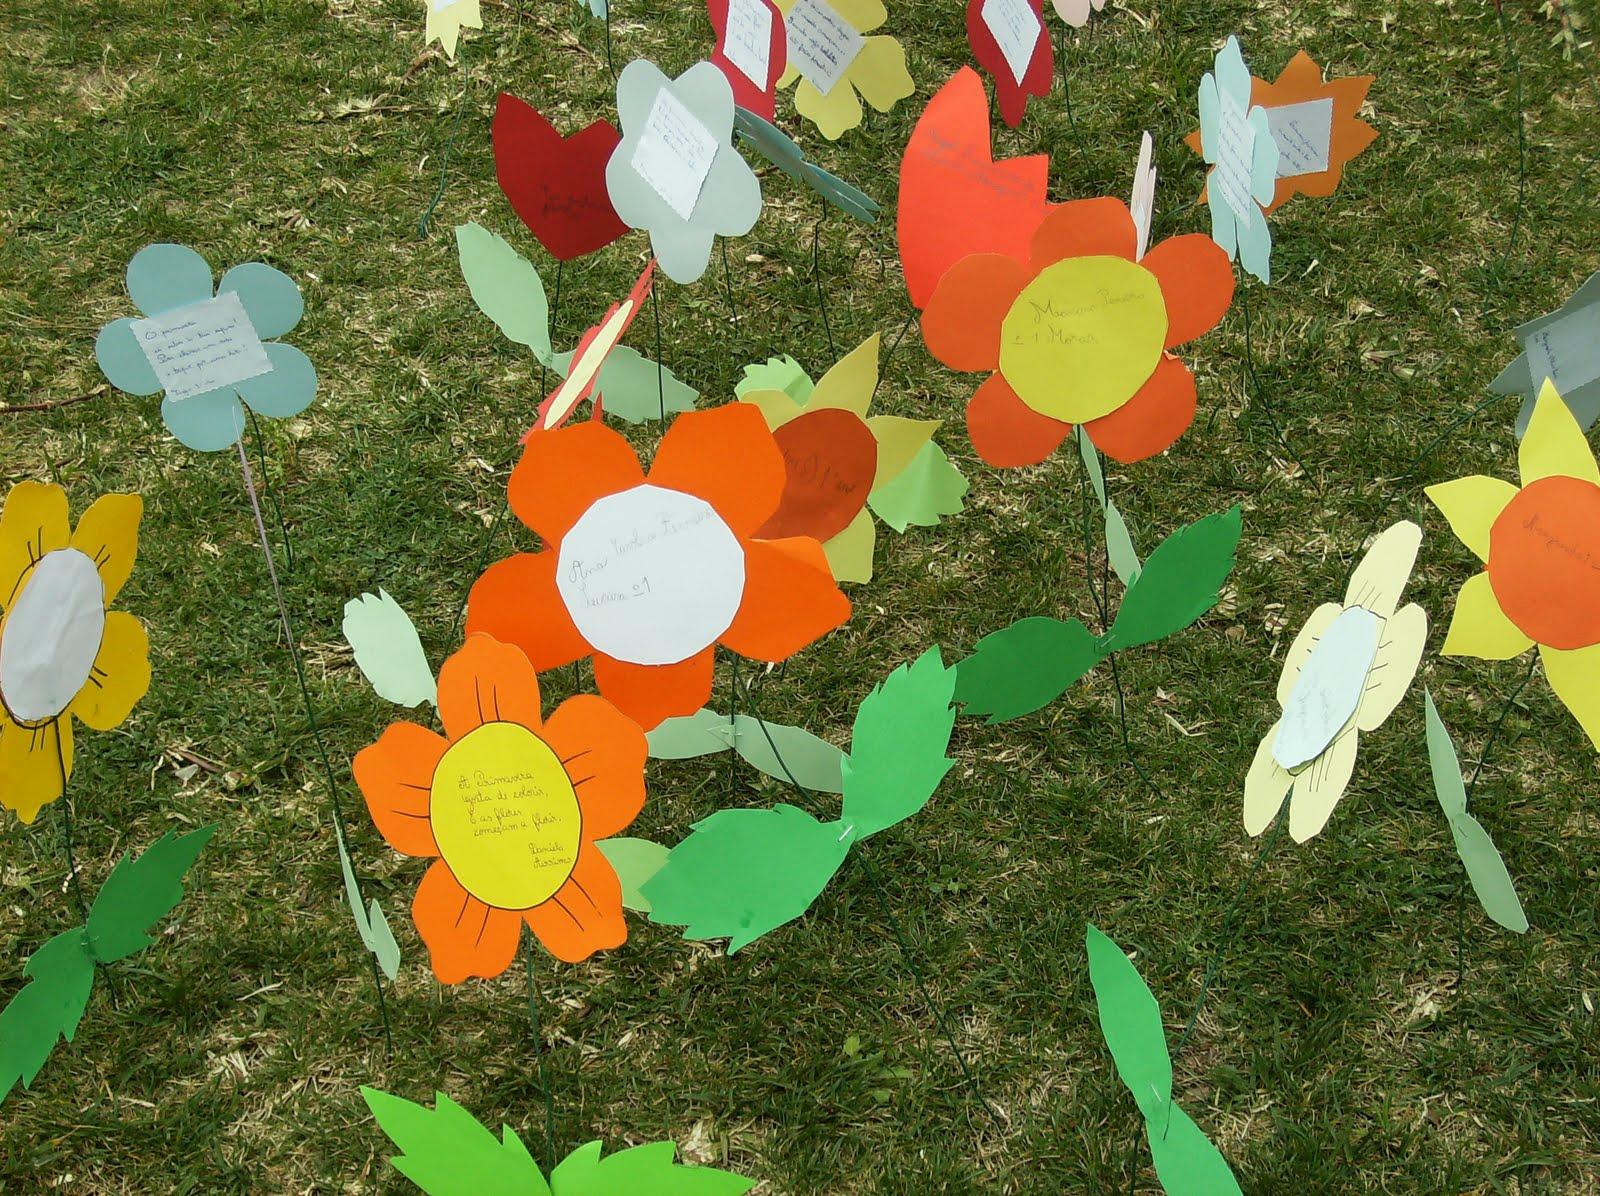 banco de jardim poesia:De olho no futuro!: A Primavera está a chegar